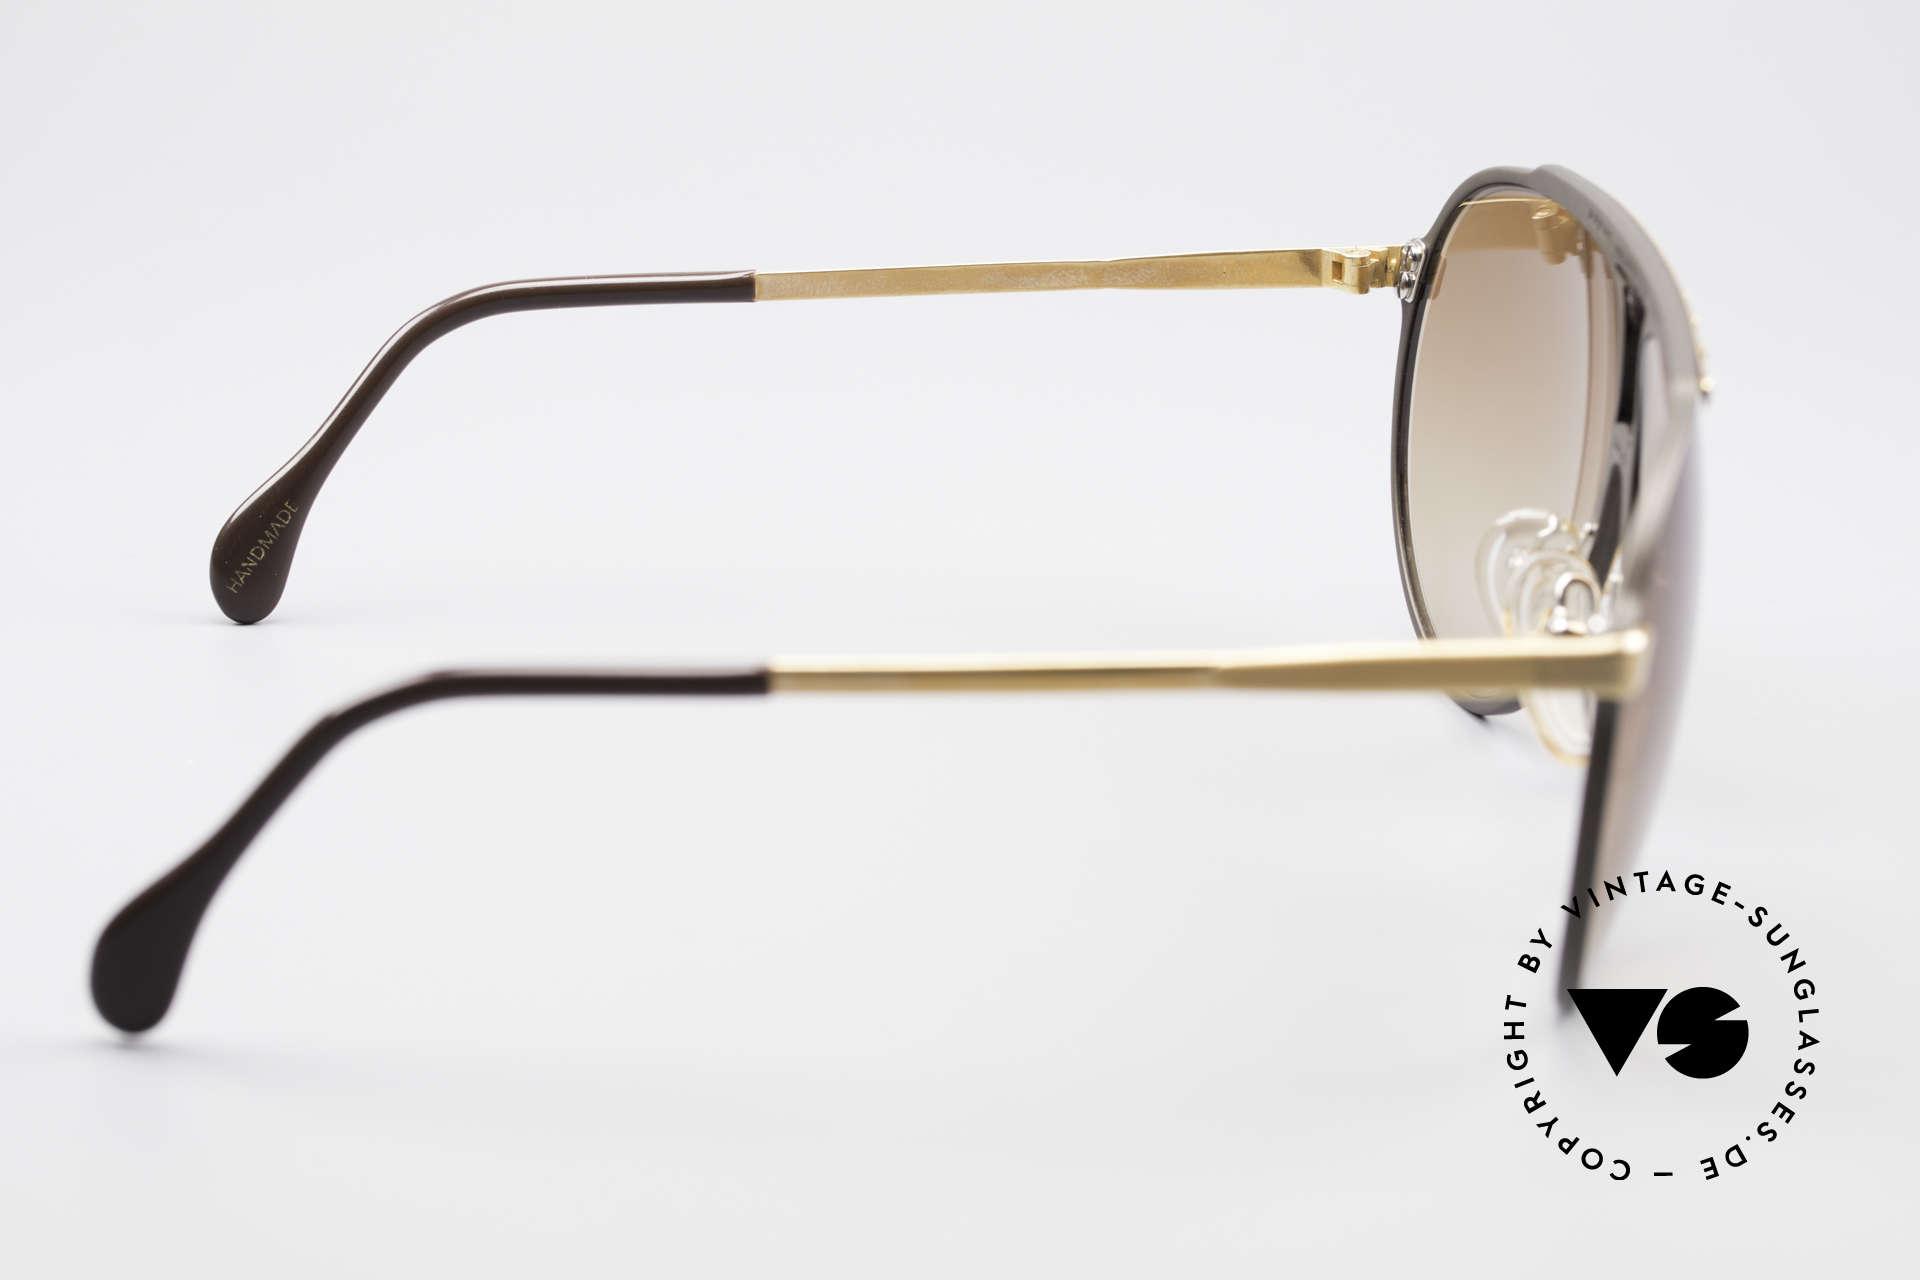 Alpina M1 West Germany Sonnenbrille, Fassung: braun-gold mit braunen Verlaufsgläsern, Passend für Herren und Damen